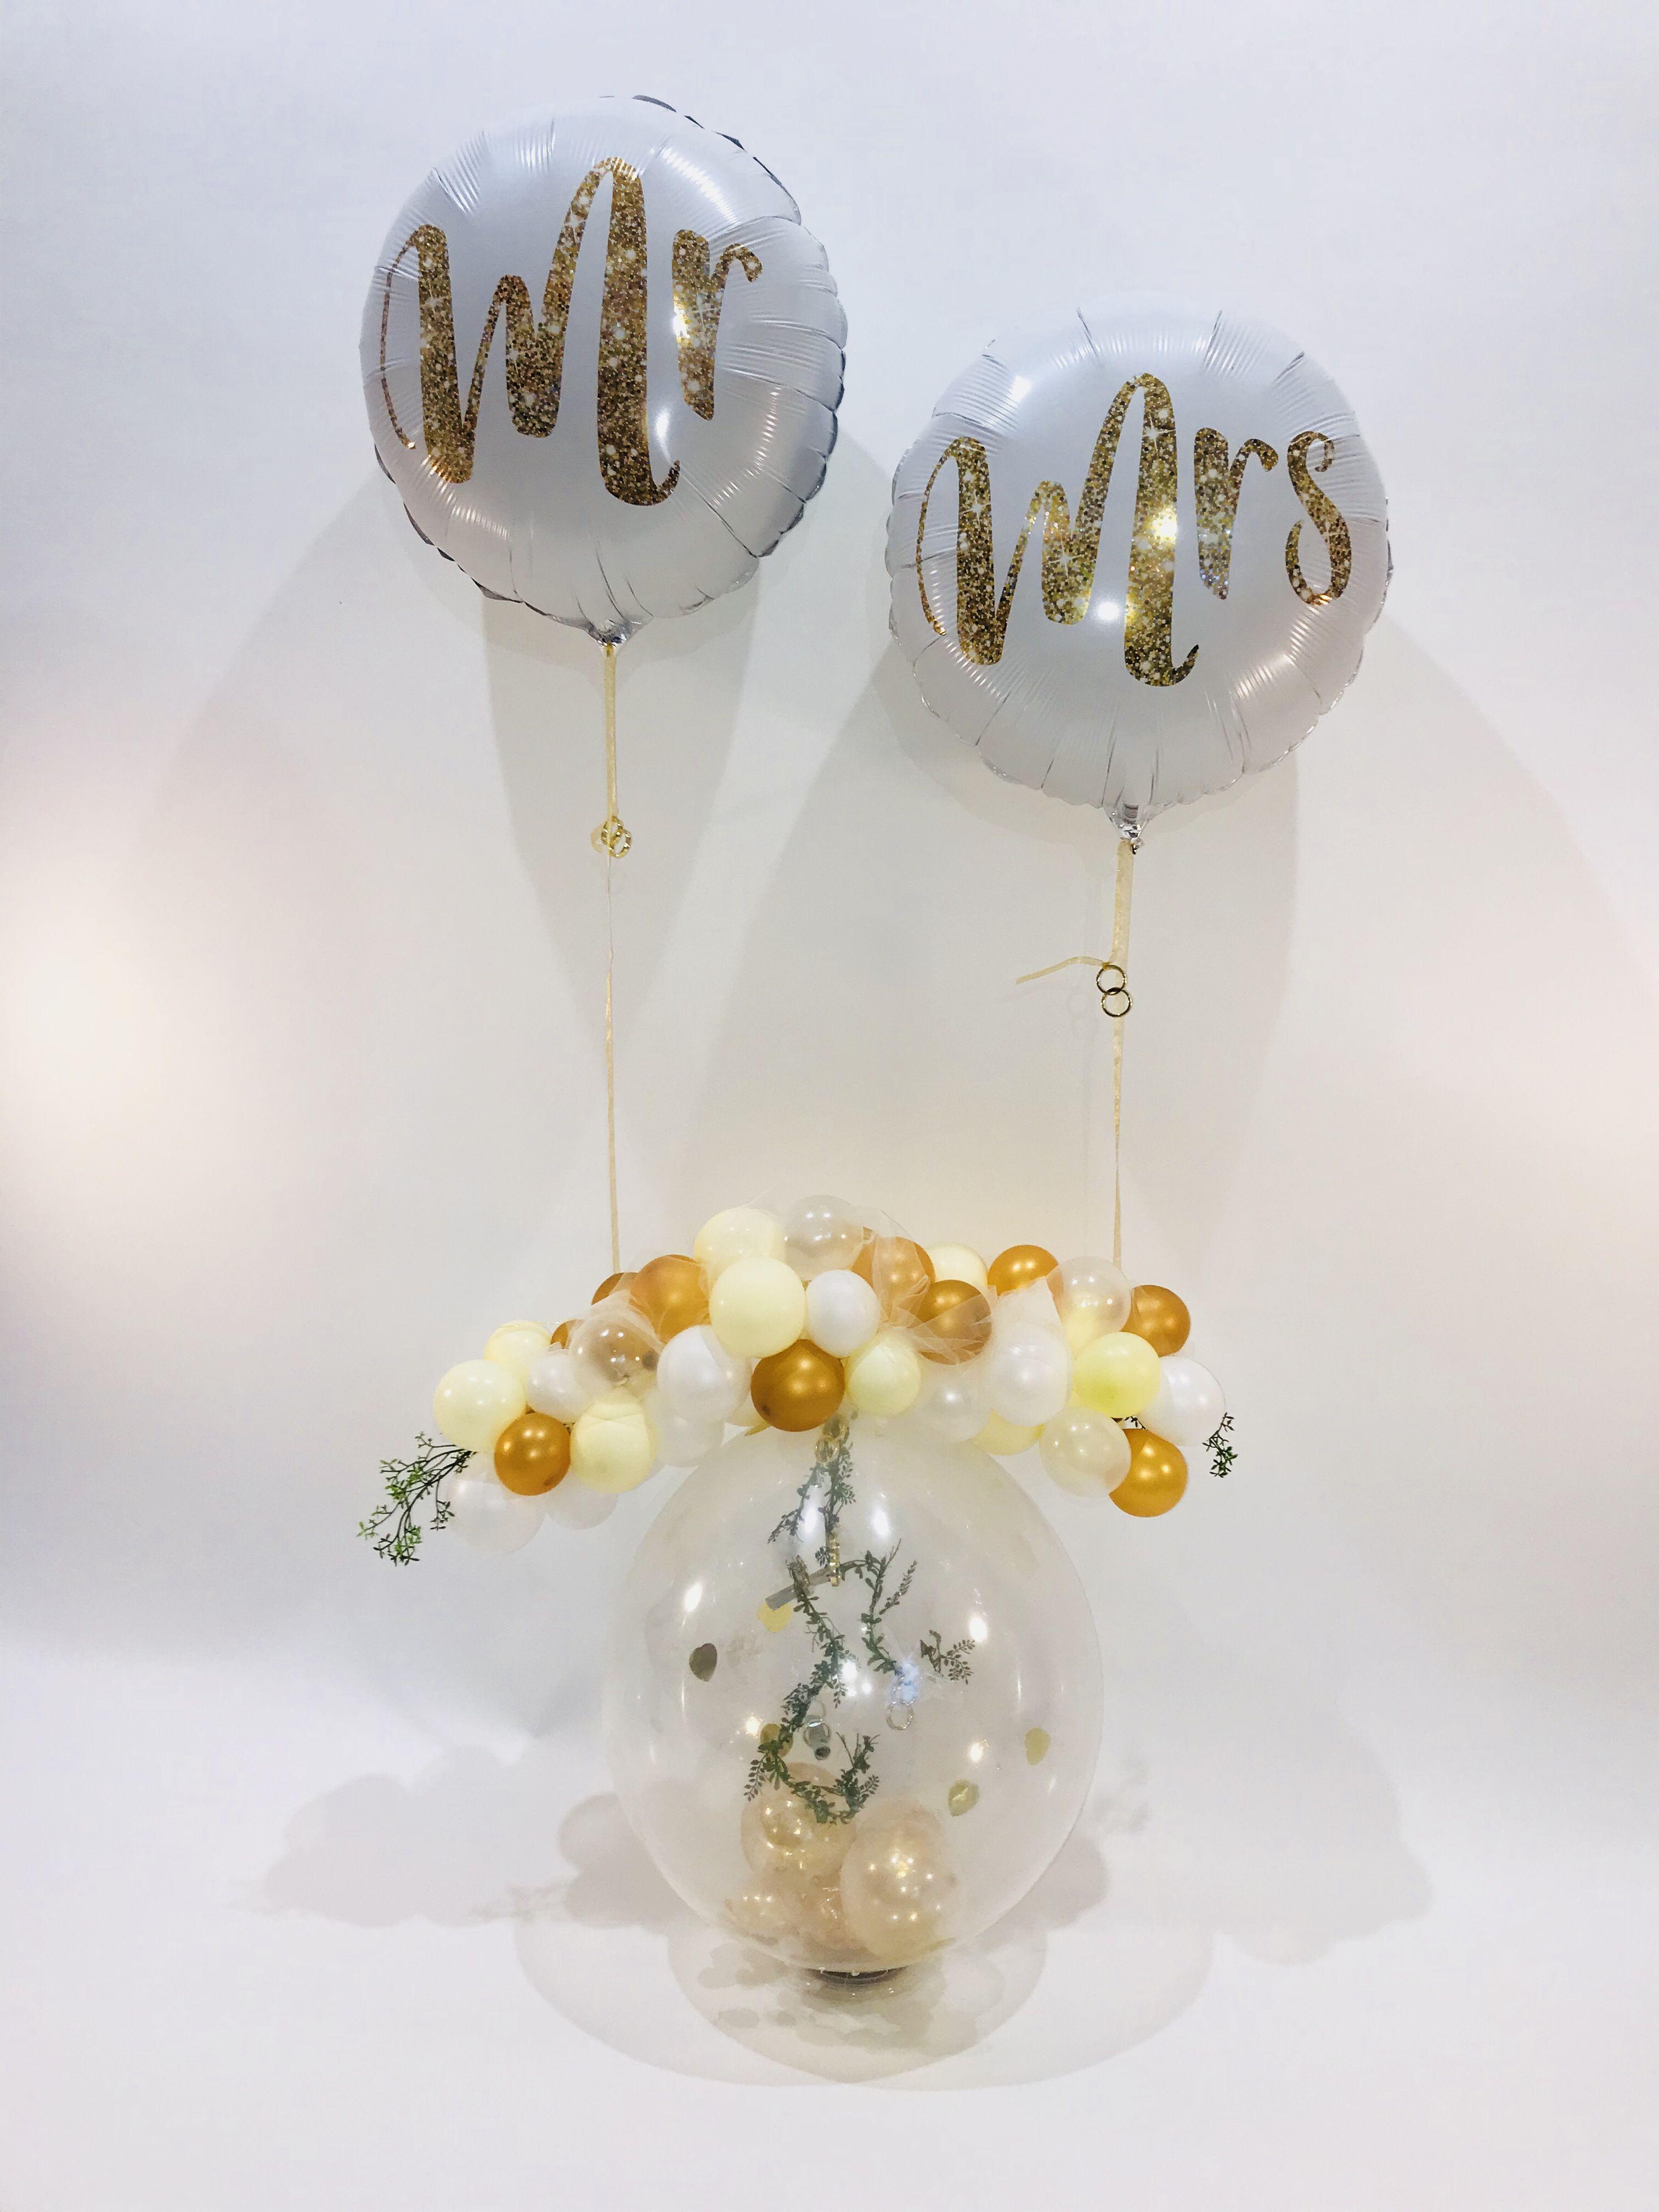 Geschenk Im Ballon Geschenke Hochzeitsgeschenke Ideen Geschenkideen